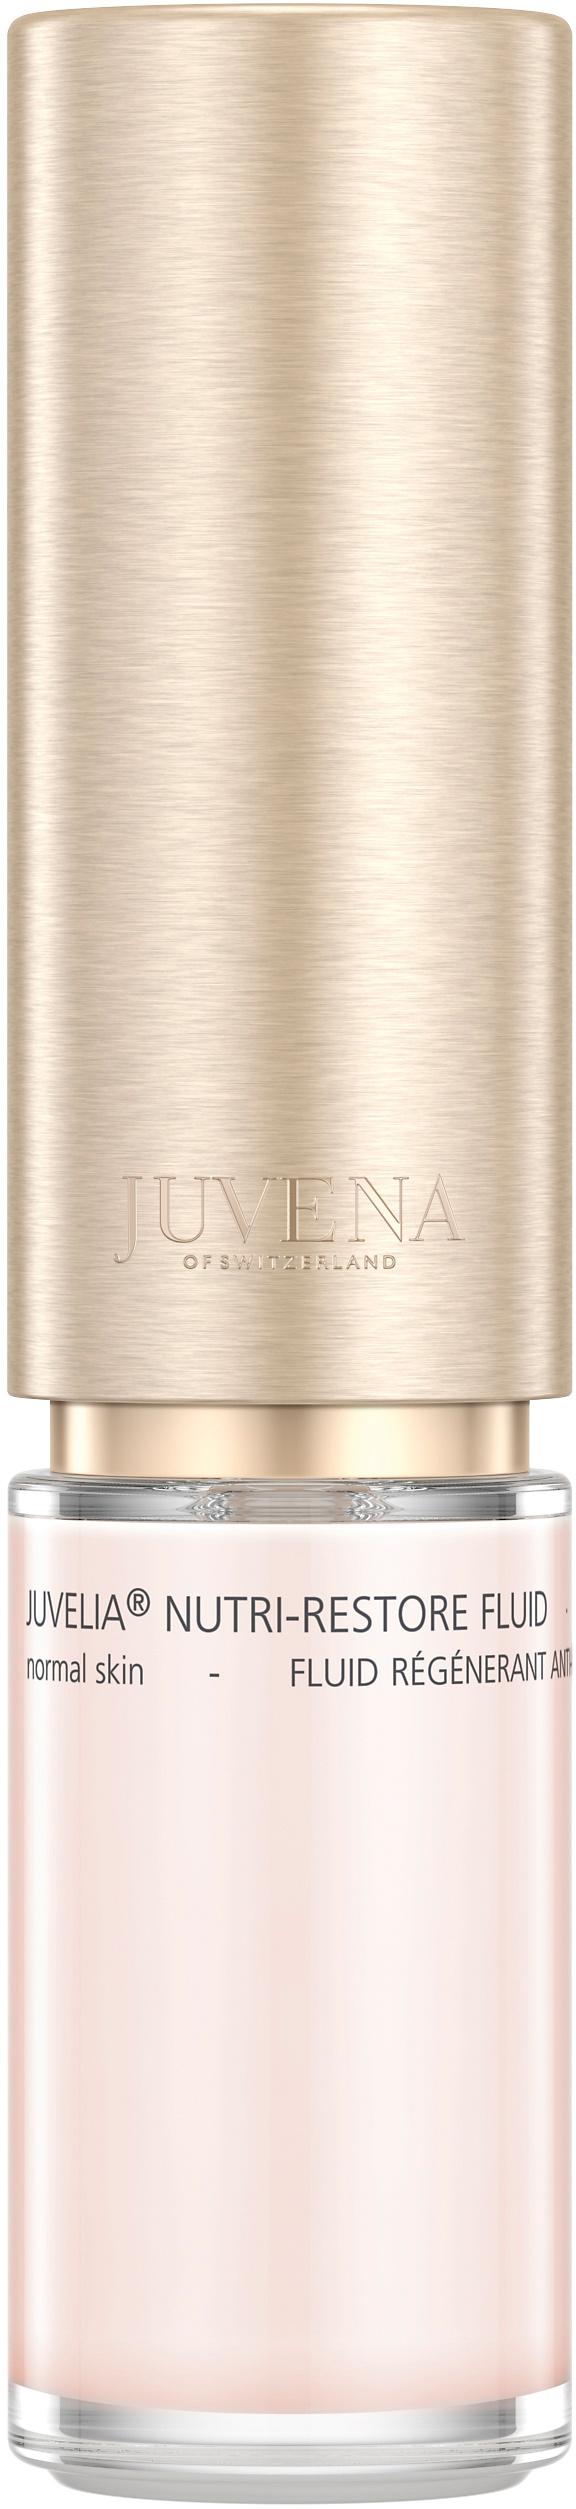 Juvena Juvelia Nutri Restore Fluid 50 ml